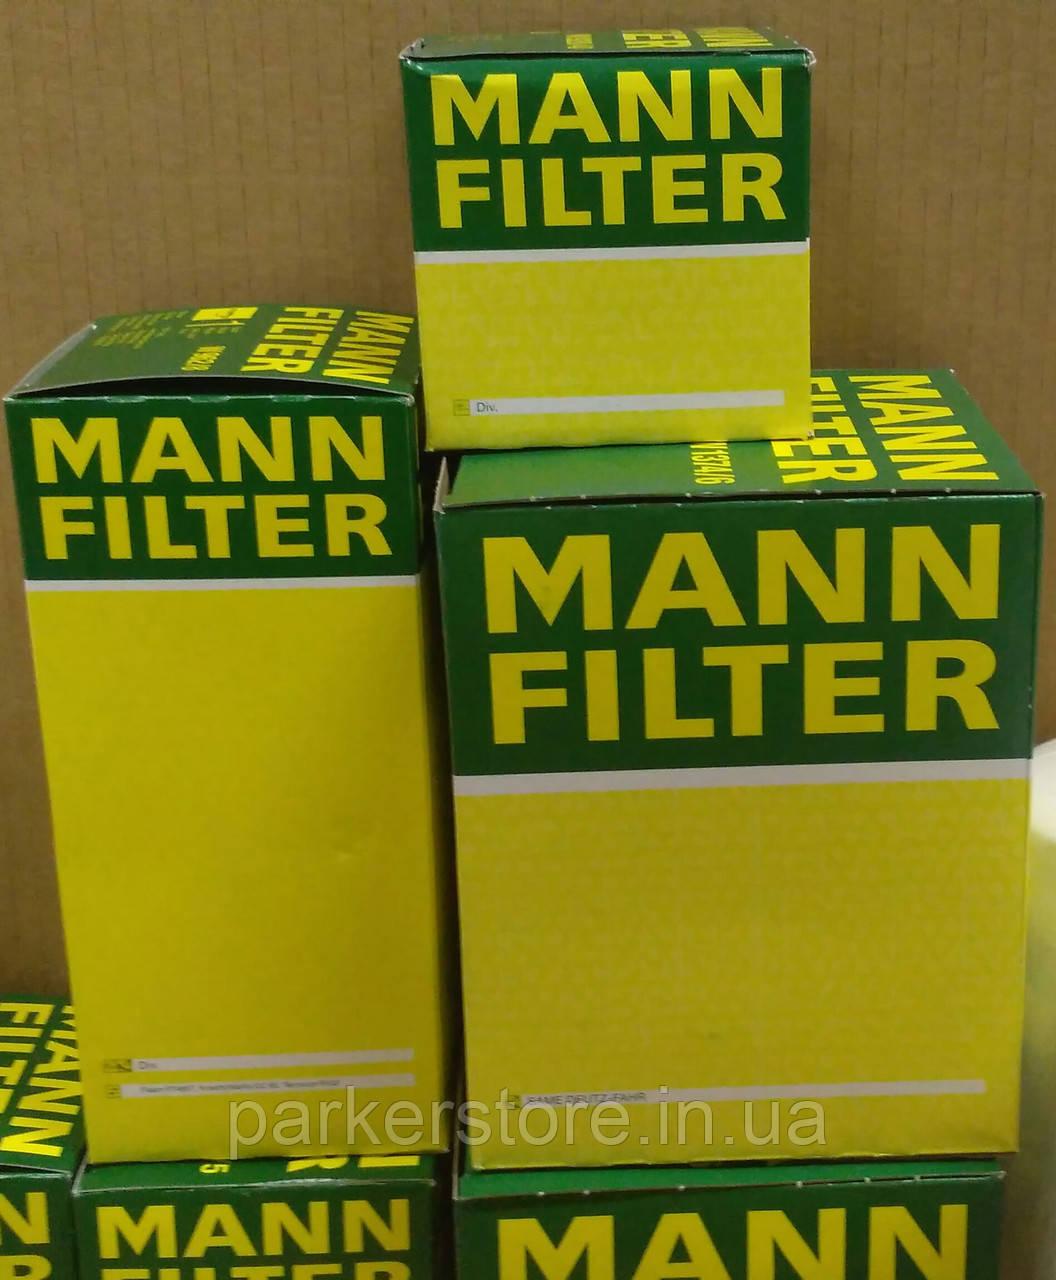 MANN FILTER / Воздушный фильтр / C 1121 / C1121